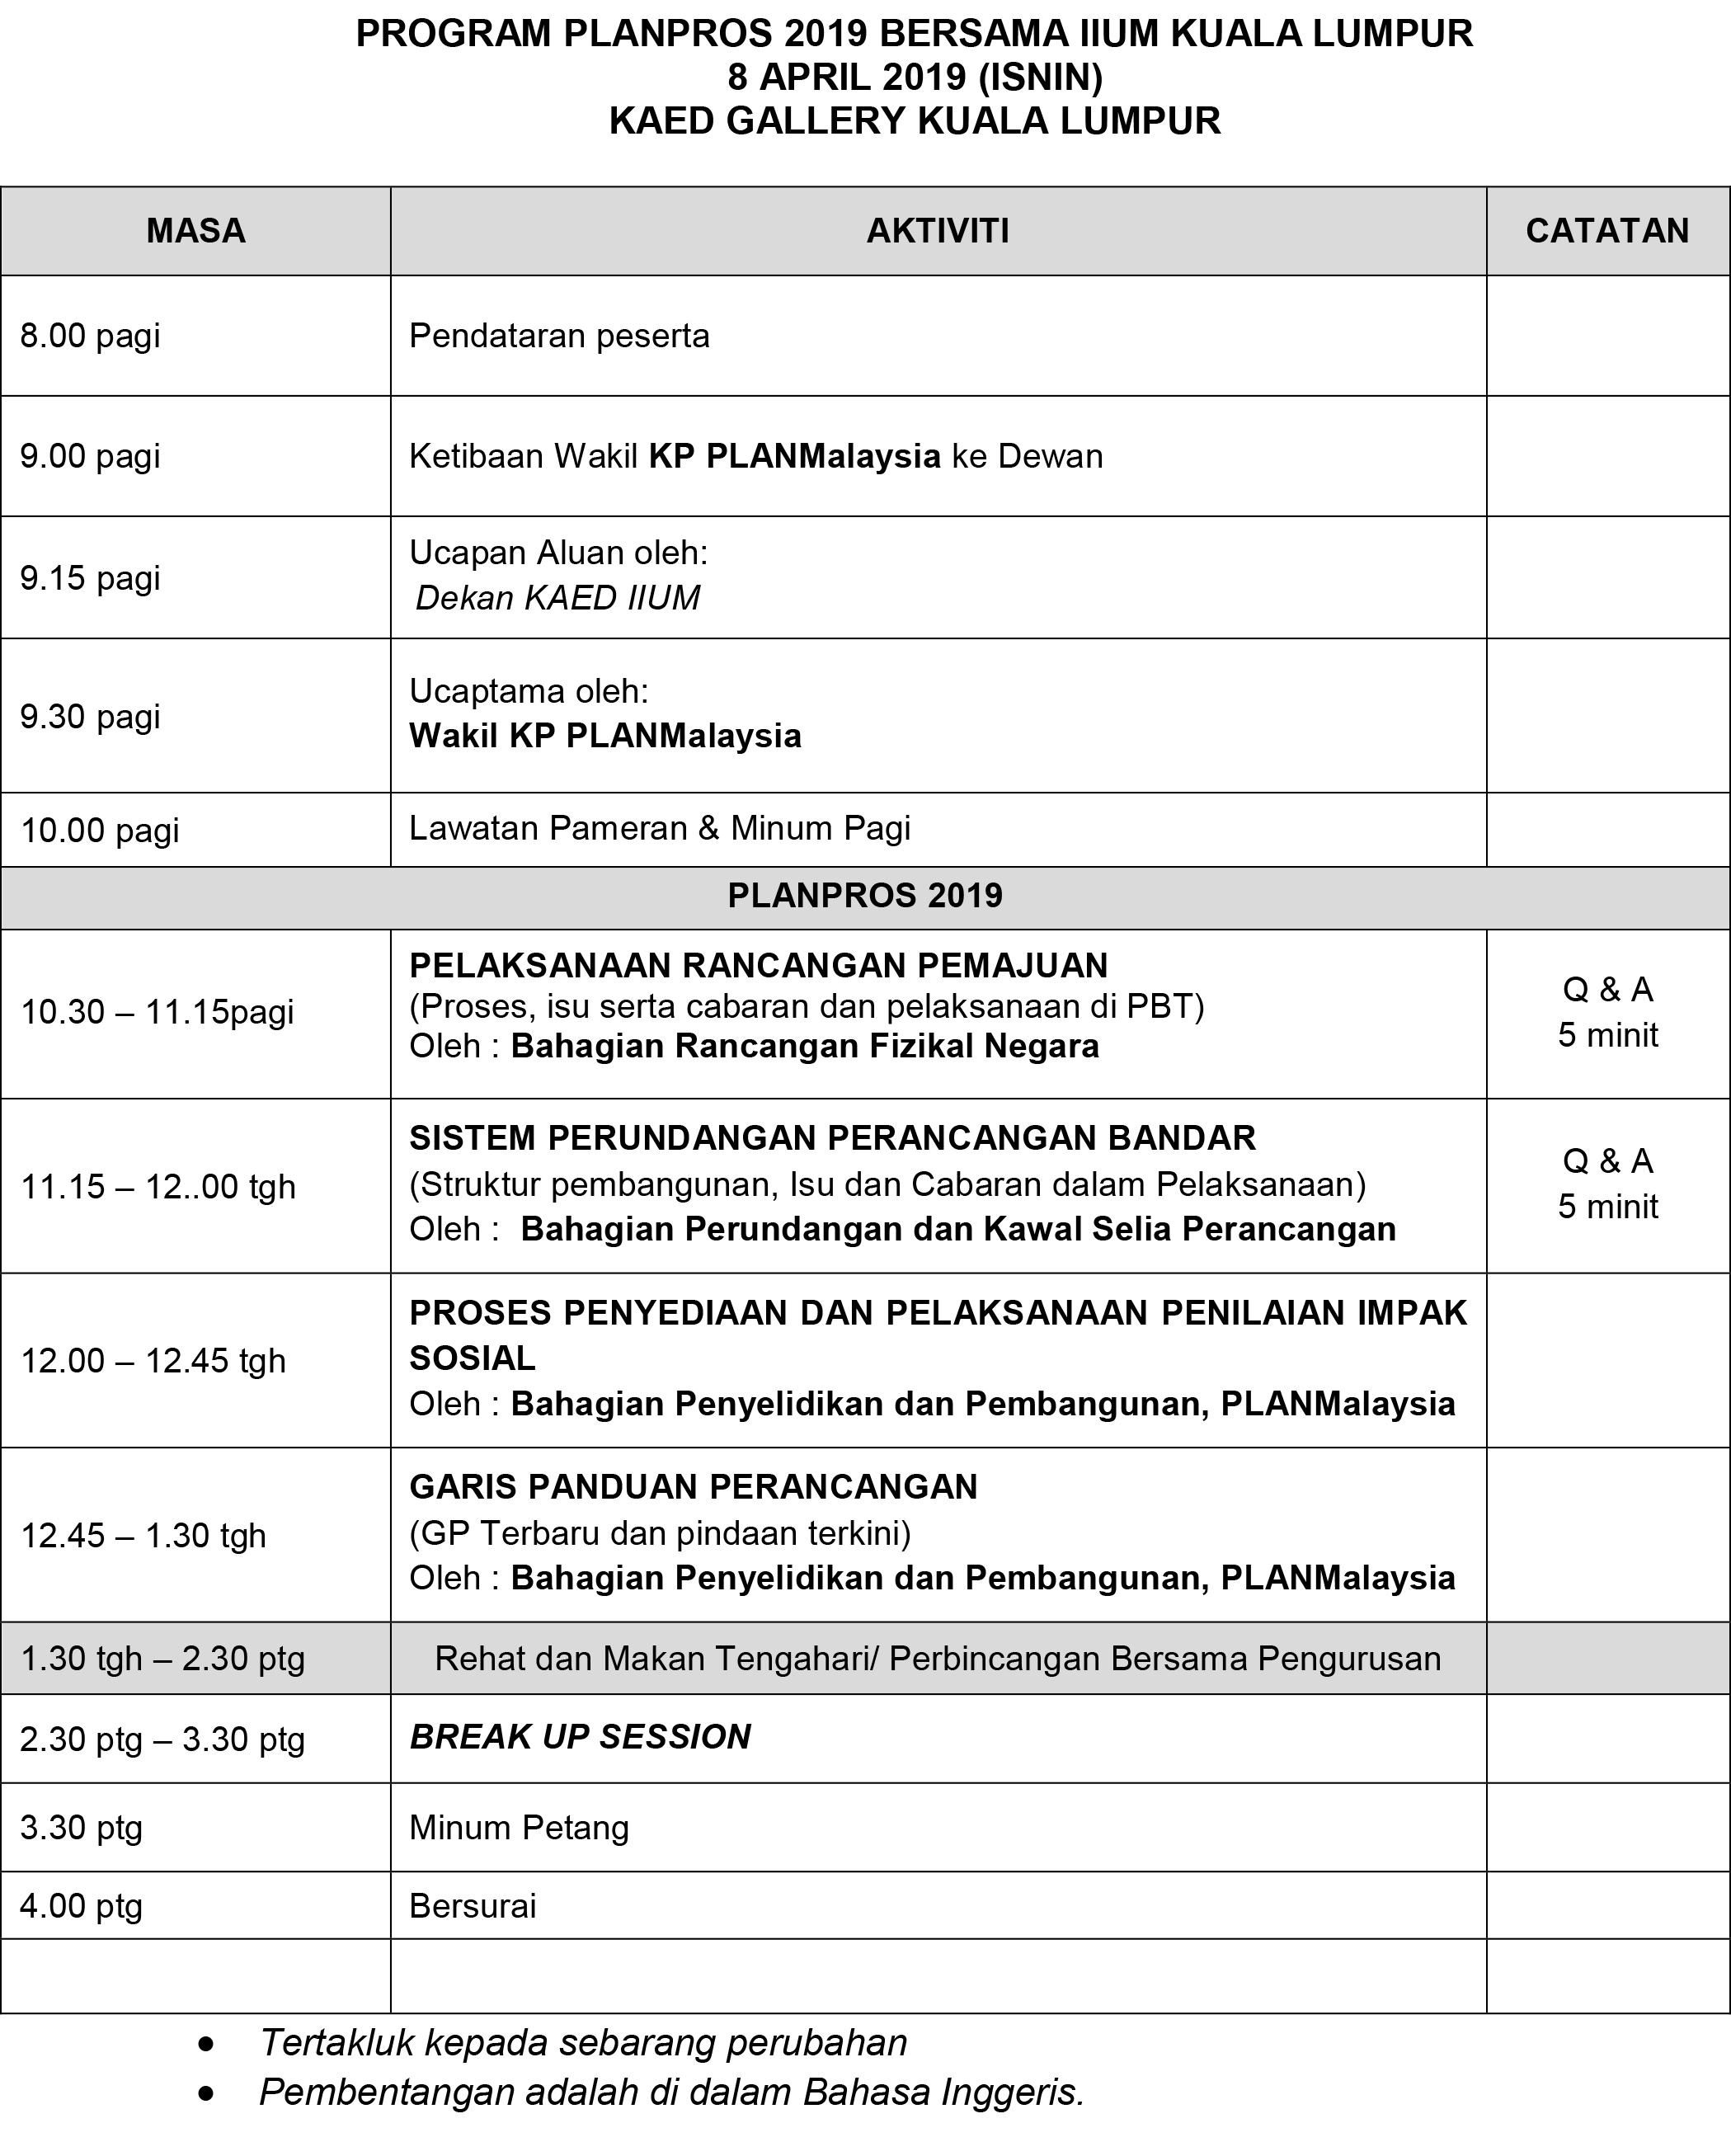 PLANPROS 2019 - Tentative Programme